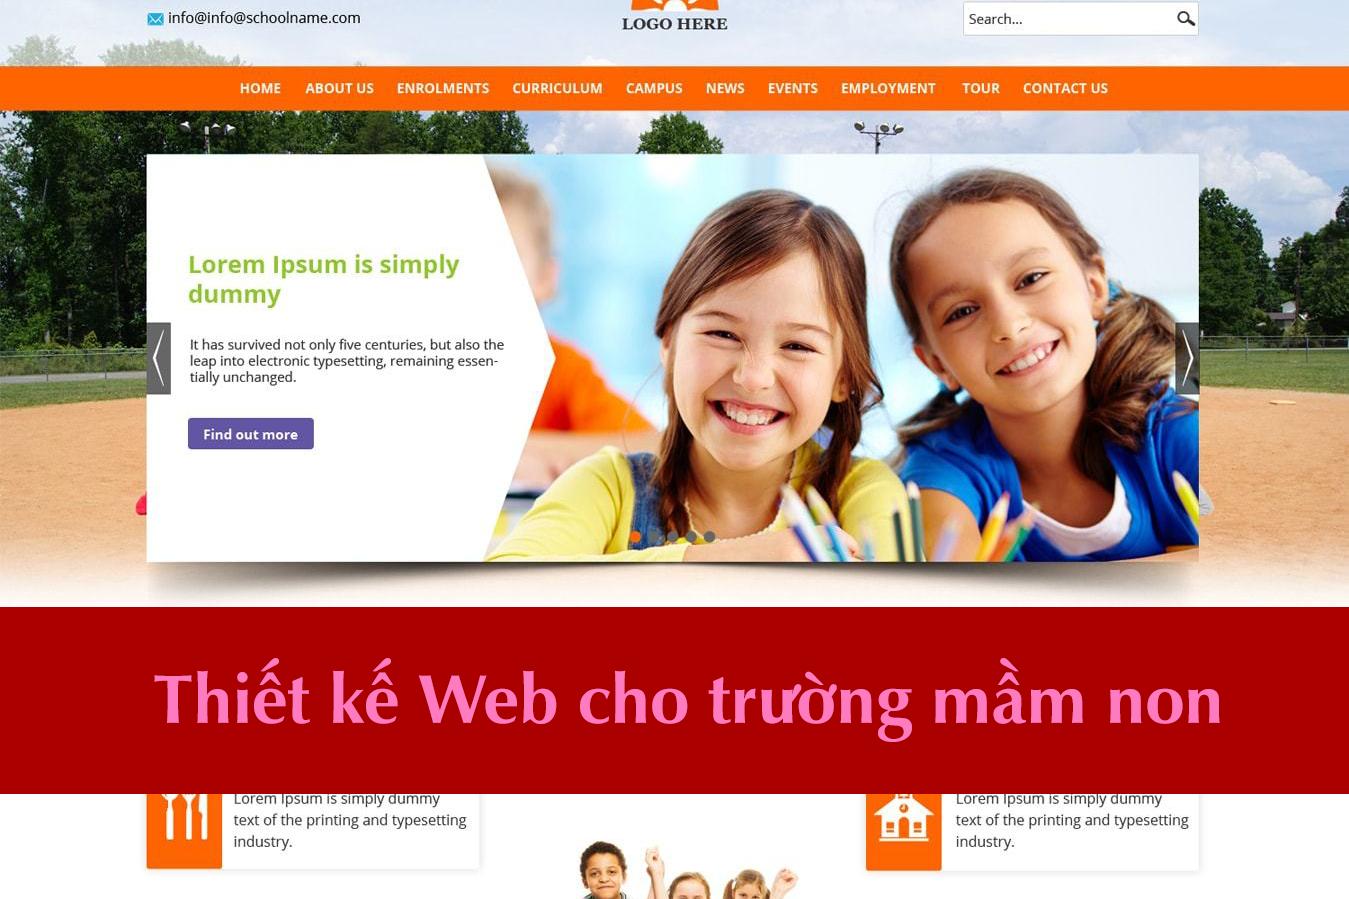 Thiết kế website cho trường mầm non đẹp mắt, chuyên nghiệp, uy tín.